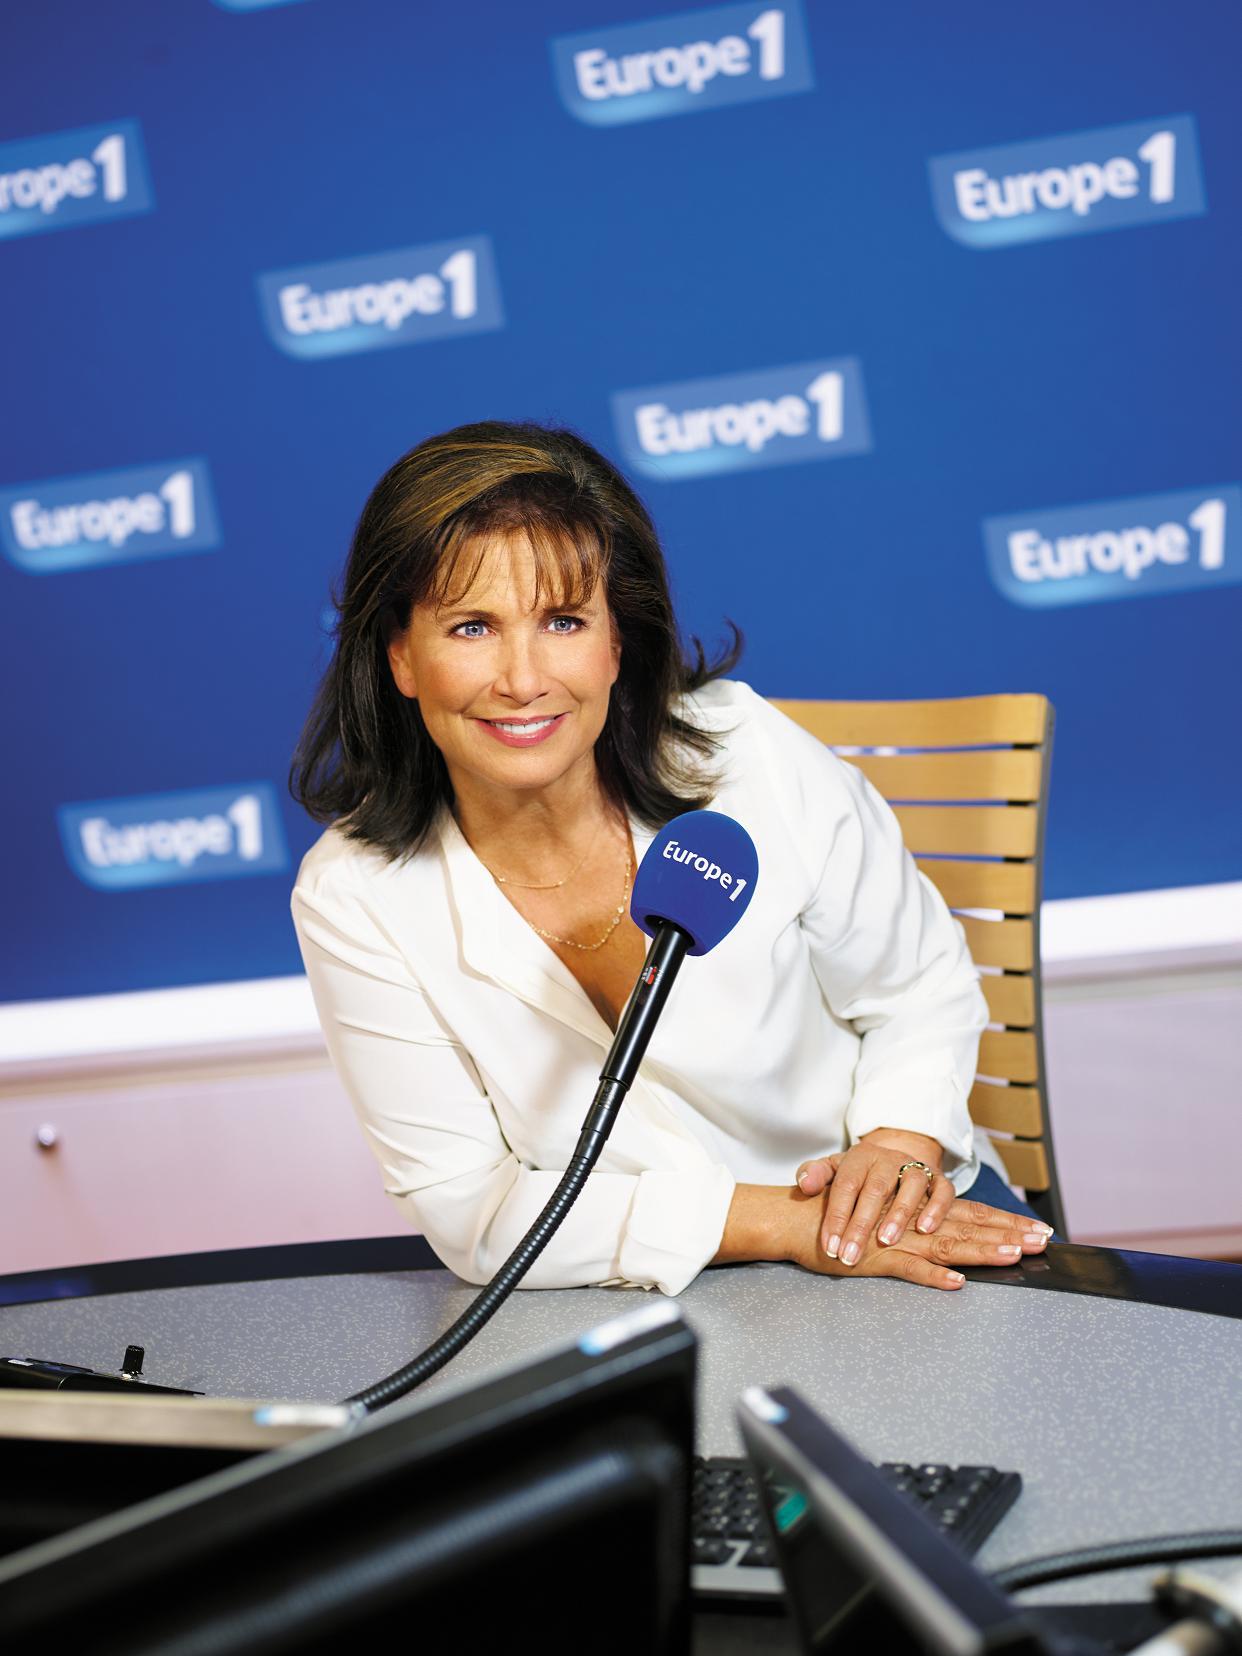 Le quart d'heure (8h30 – 8h45) de L'interview d'Anne Sinclair est le plus écouté de la station © Vision by AG